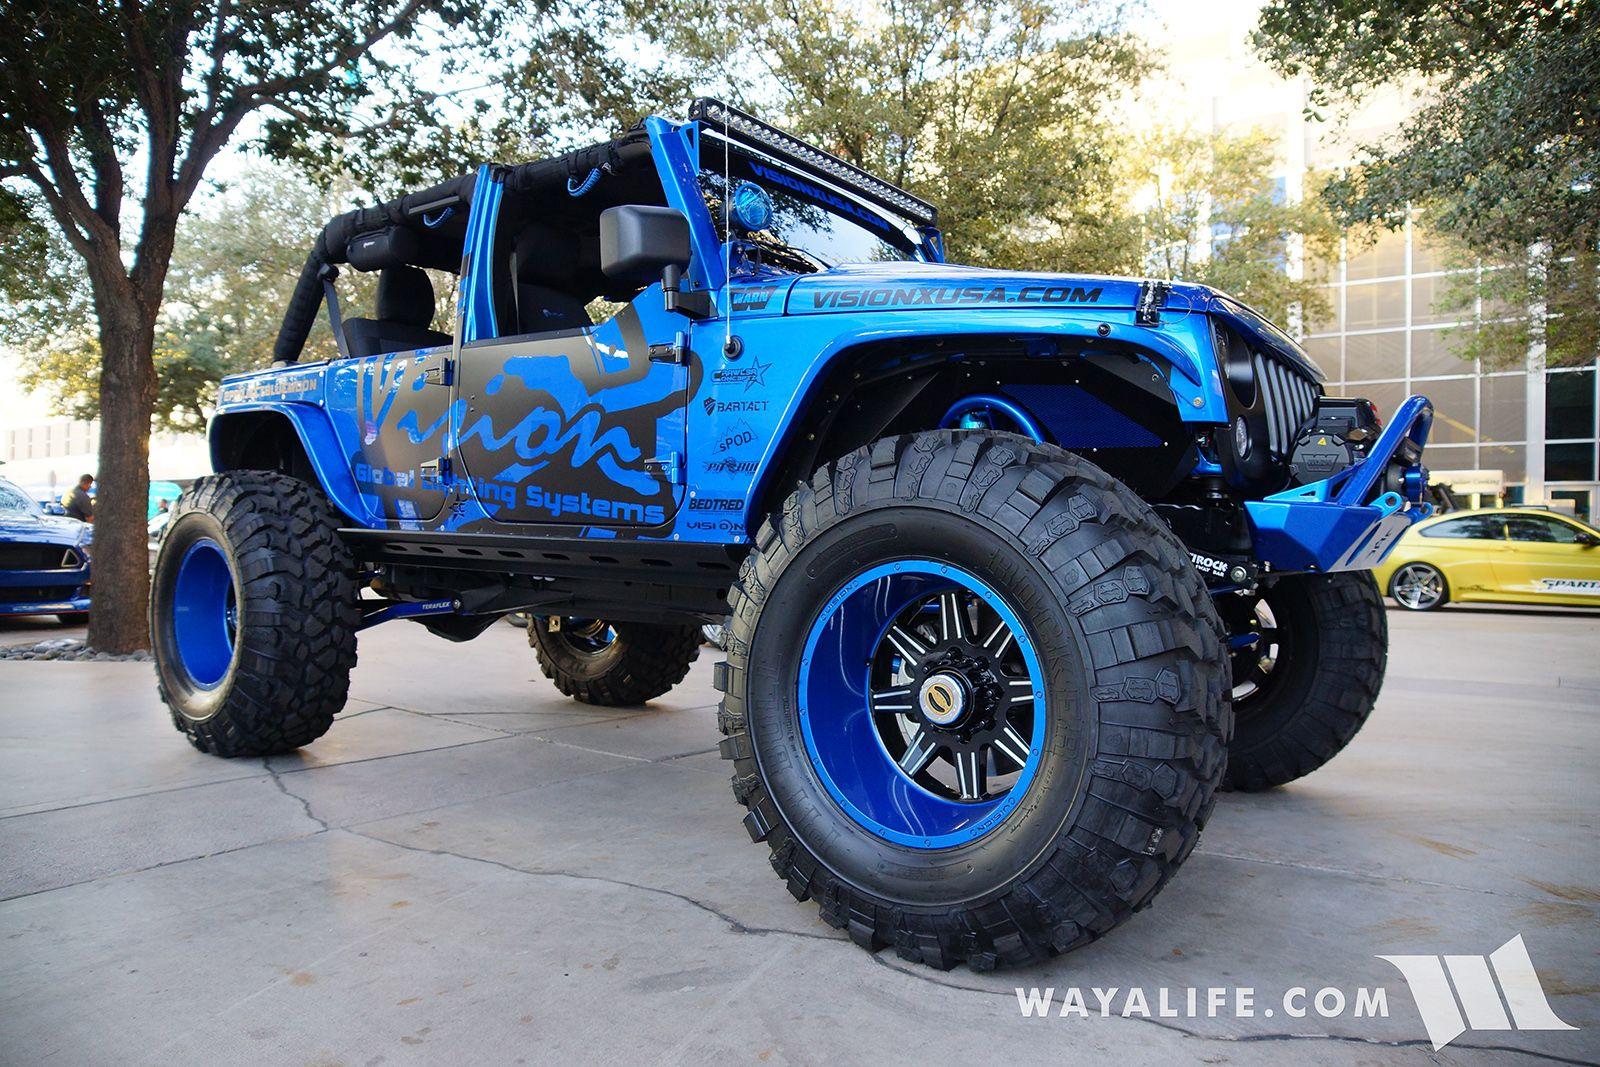 Jeep Jk Wrangler ℛℰ I ℕnℰd By Averson Automotive Group Llc Jeep Jeeplife Blue Jeep Jeep Wrangler Rubicon Jeep Jk